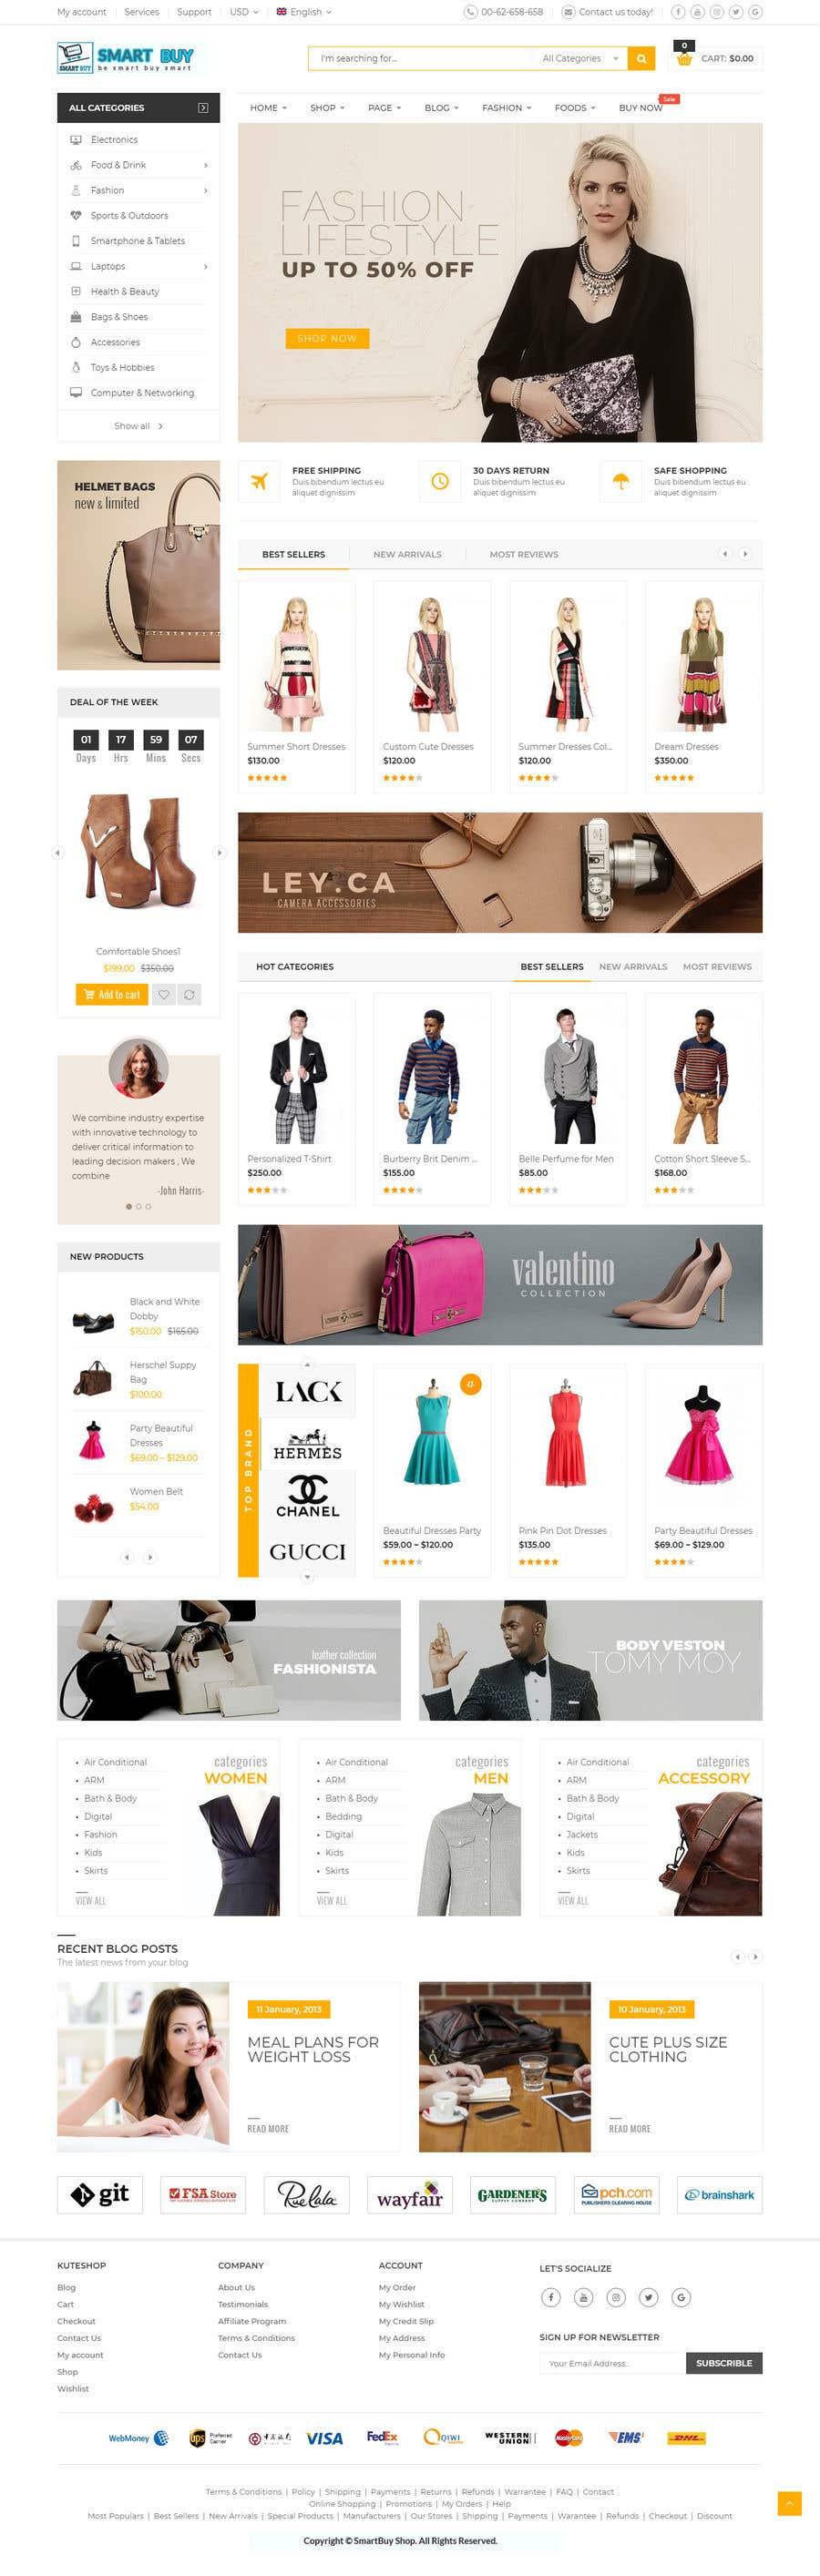 Konkurrenceindlæg #                                        25                                      for                                         Build a website